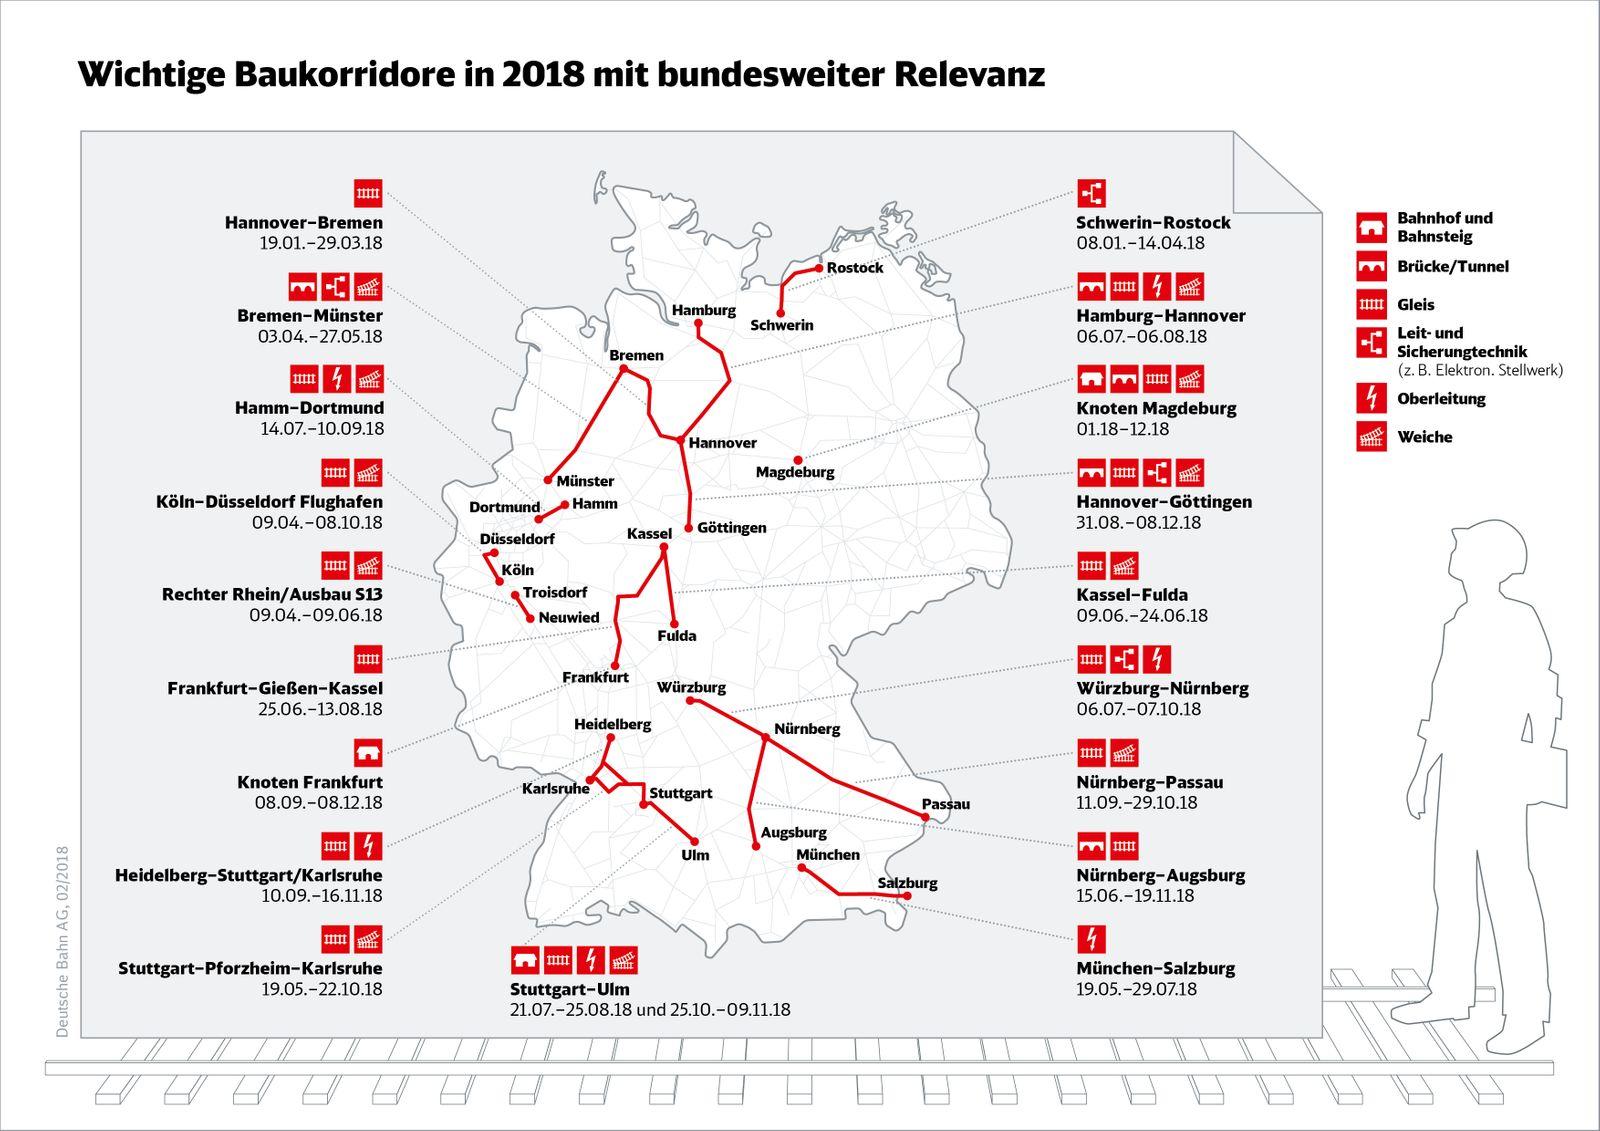 GRAFIK Deutsche Bahn Baukorridore Feb 2018